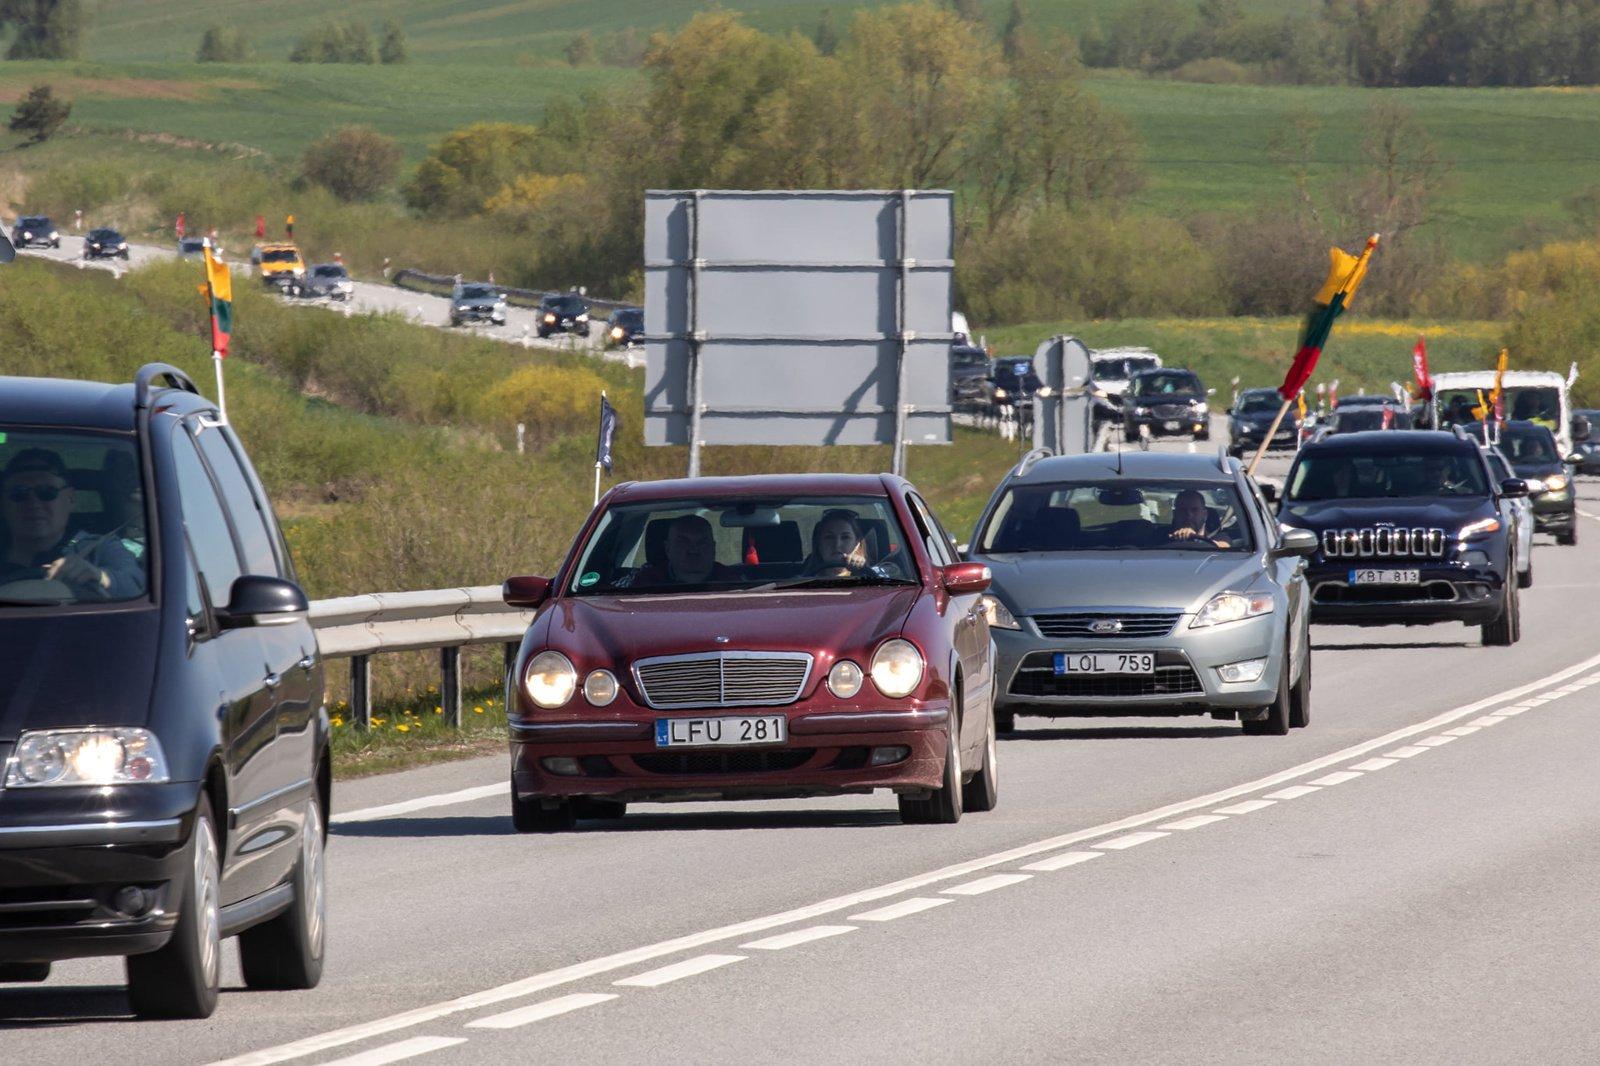 """Vaizdai iš """"Šeimos gynimo maršo"""" Šiauliuose: nusidriekė transporto priemonių eilės"""